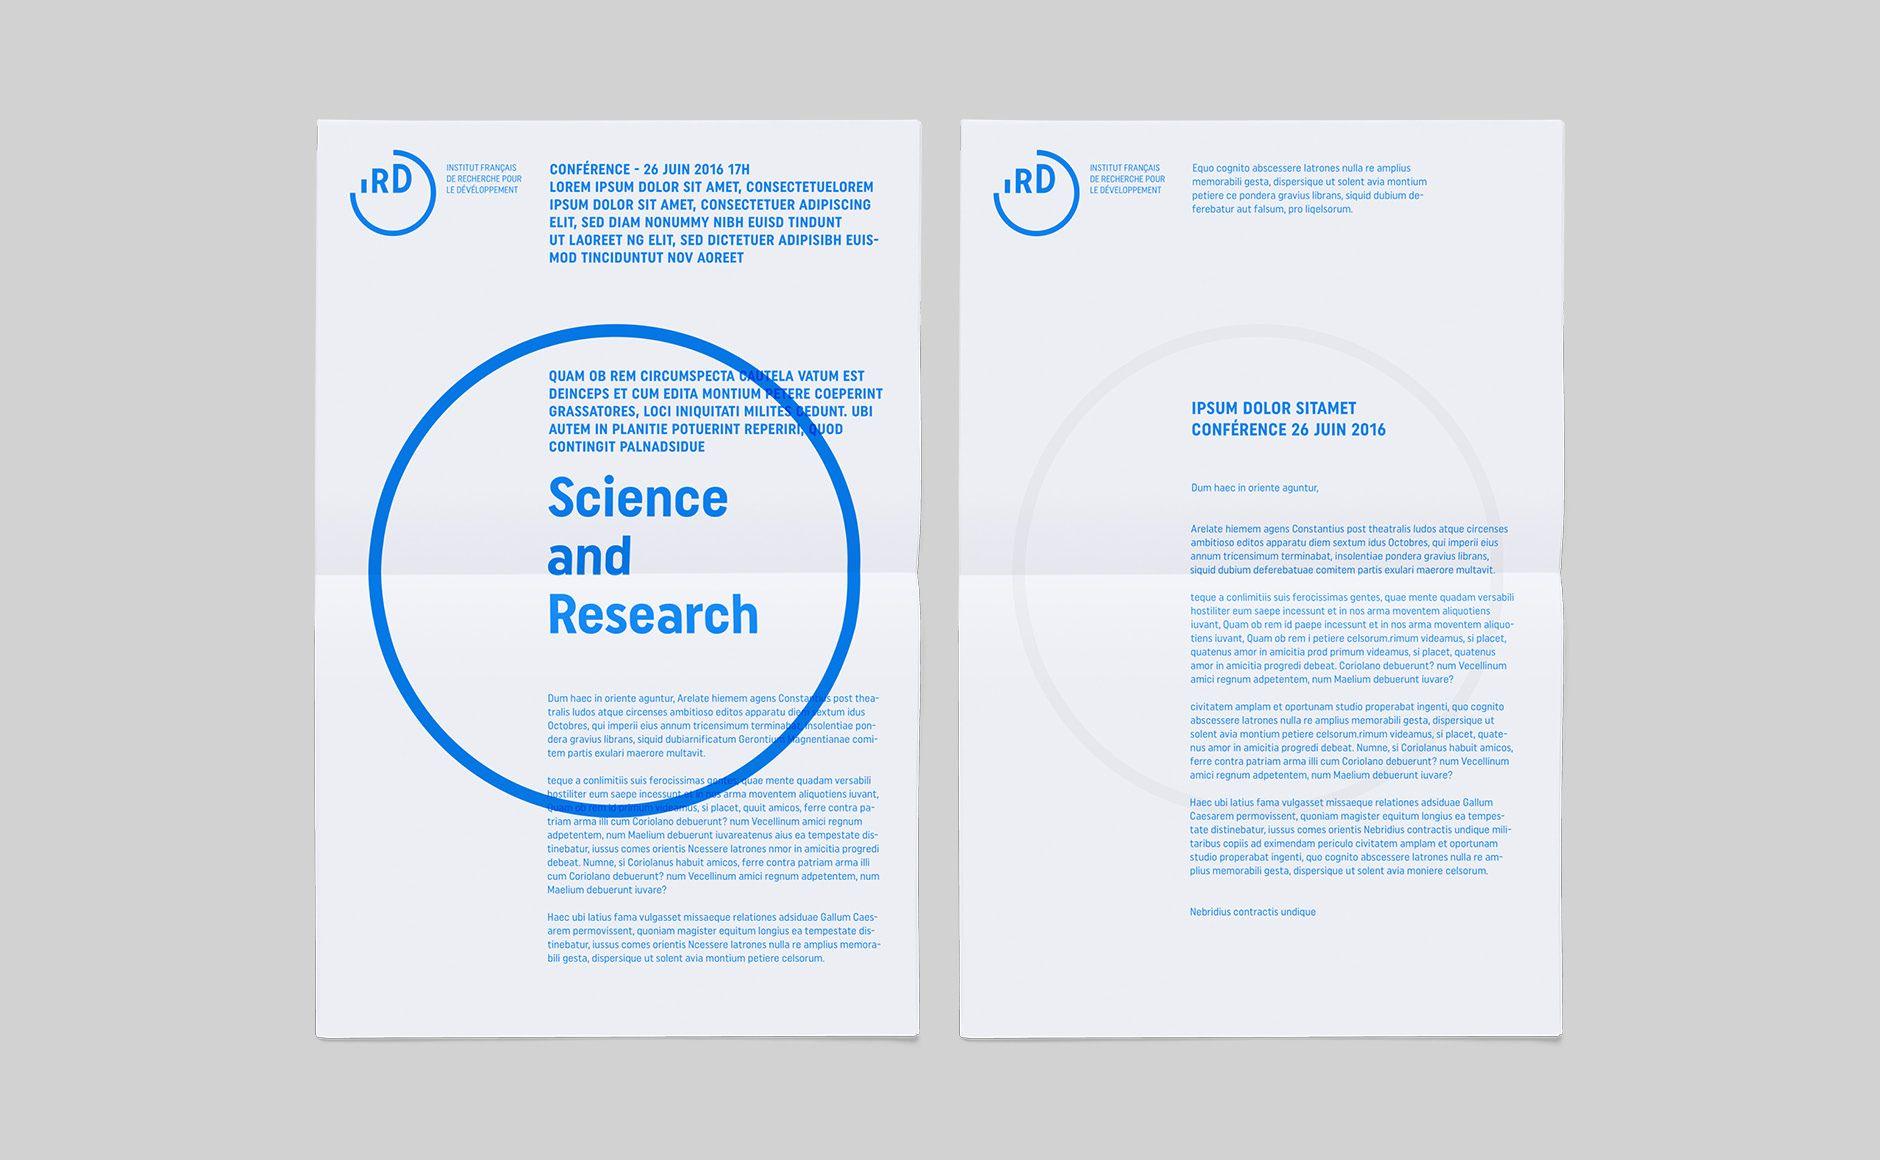 IRD - Institut de Recherche pour le Développement - Graphéine - Agence de communication Paris Lyon